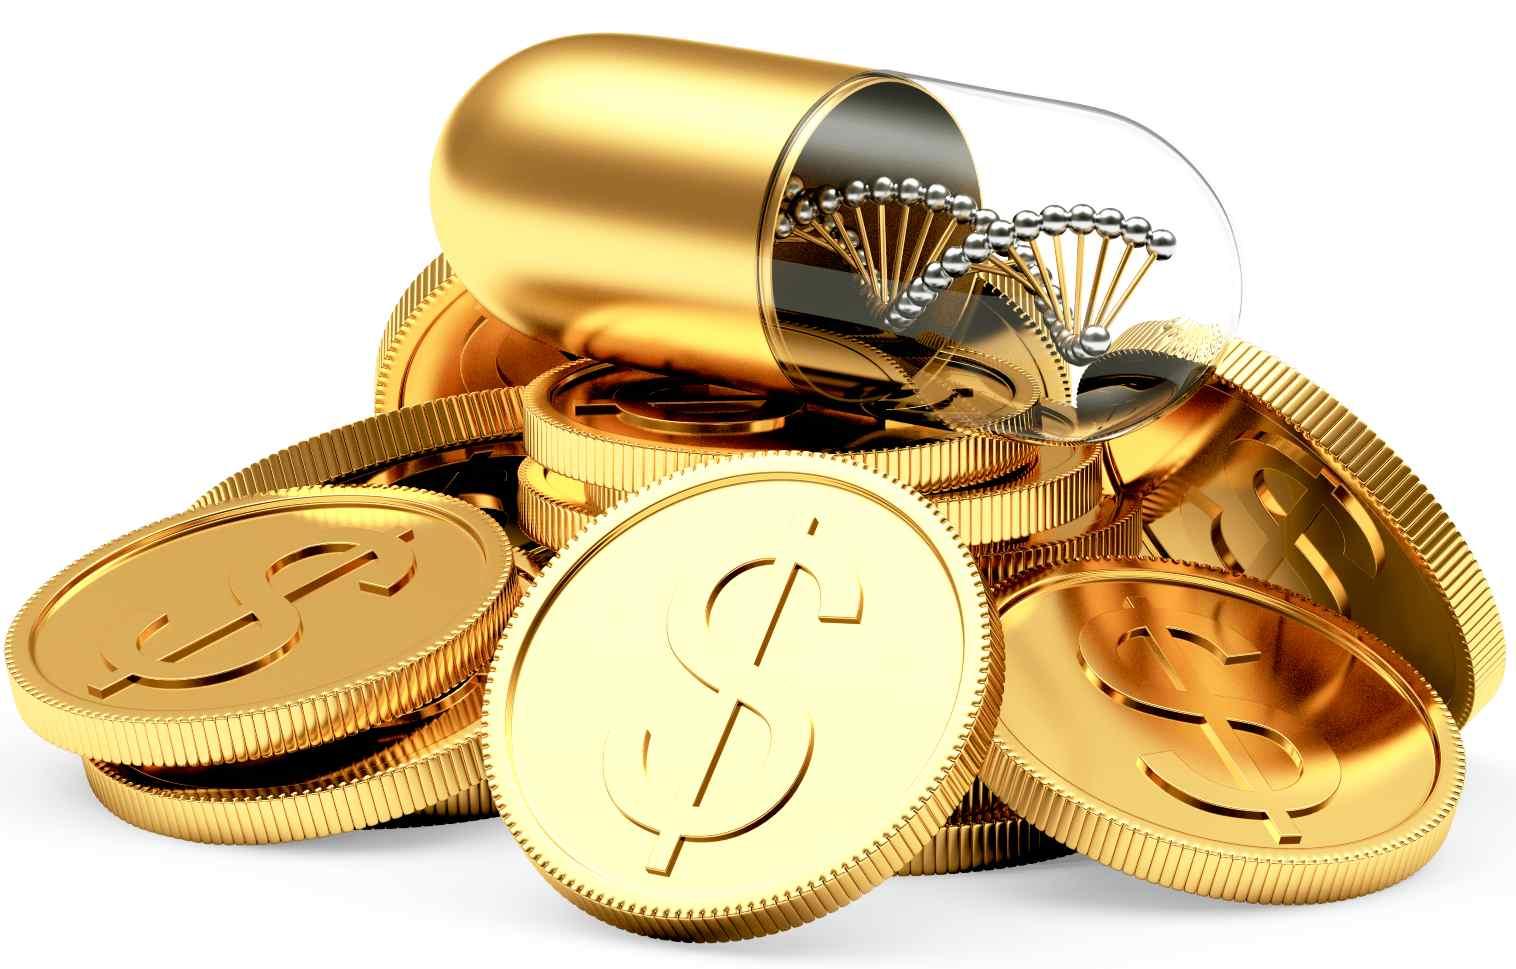 dna money